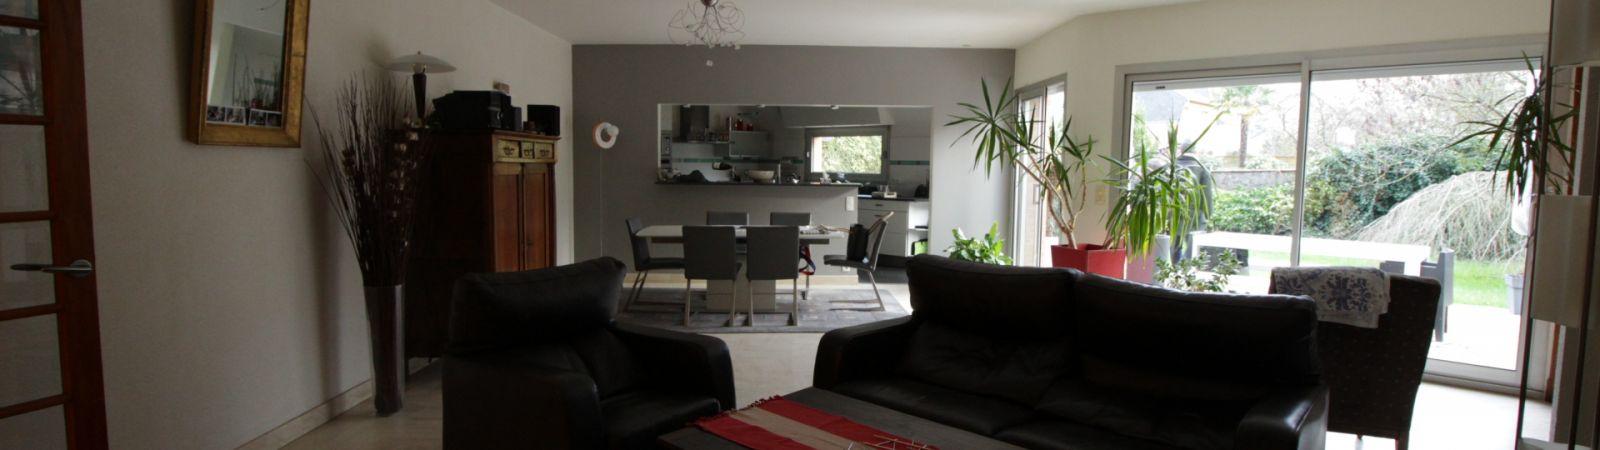 photo 3: Maison d'architecte au Thabor